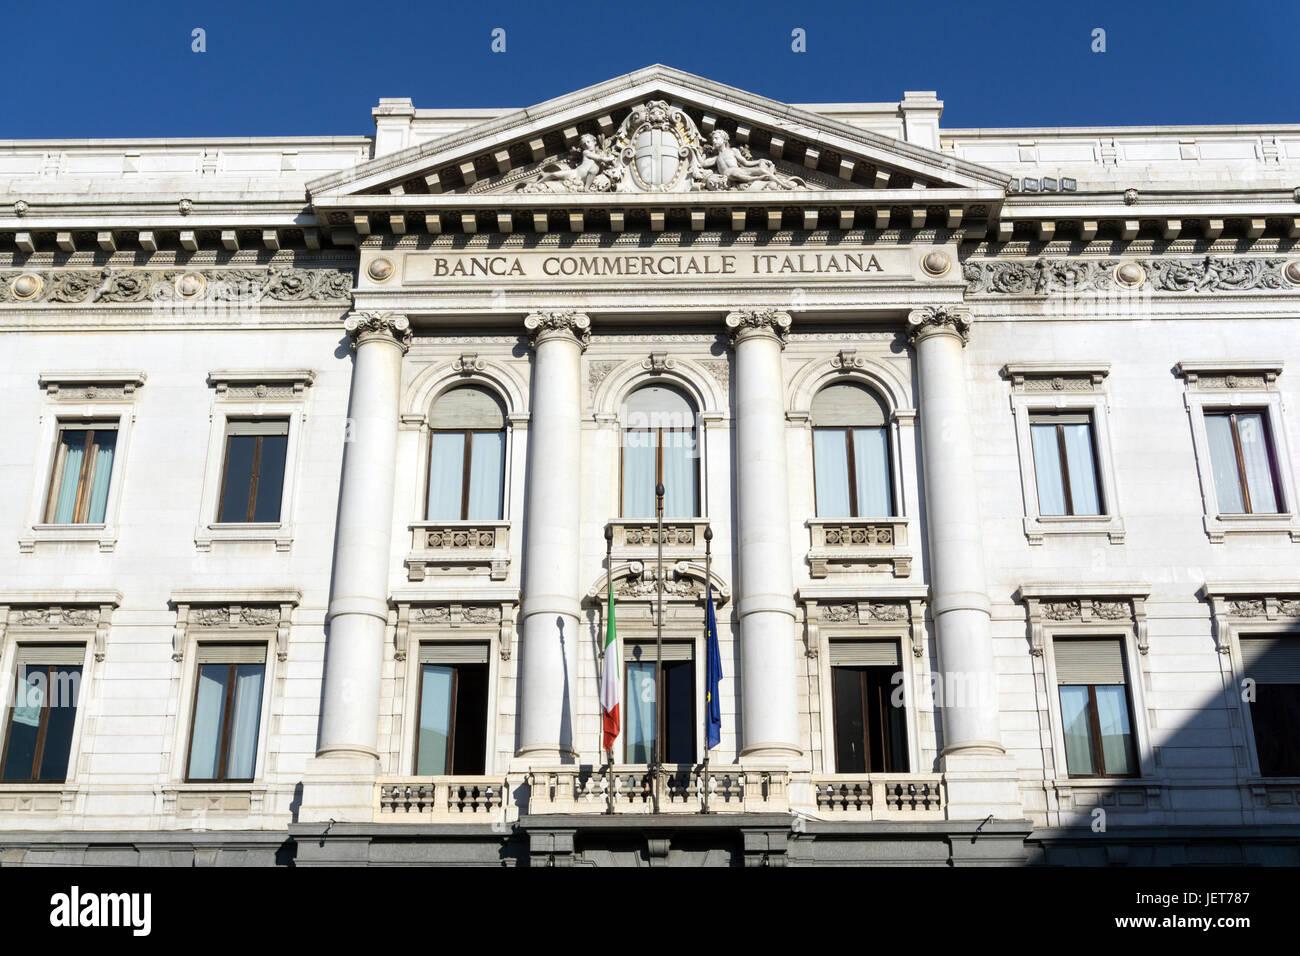 Italia, Lombardía, Milán, Banca Commerciale Italiana en la Piazza della Scala. Imagen De Stock